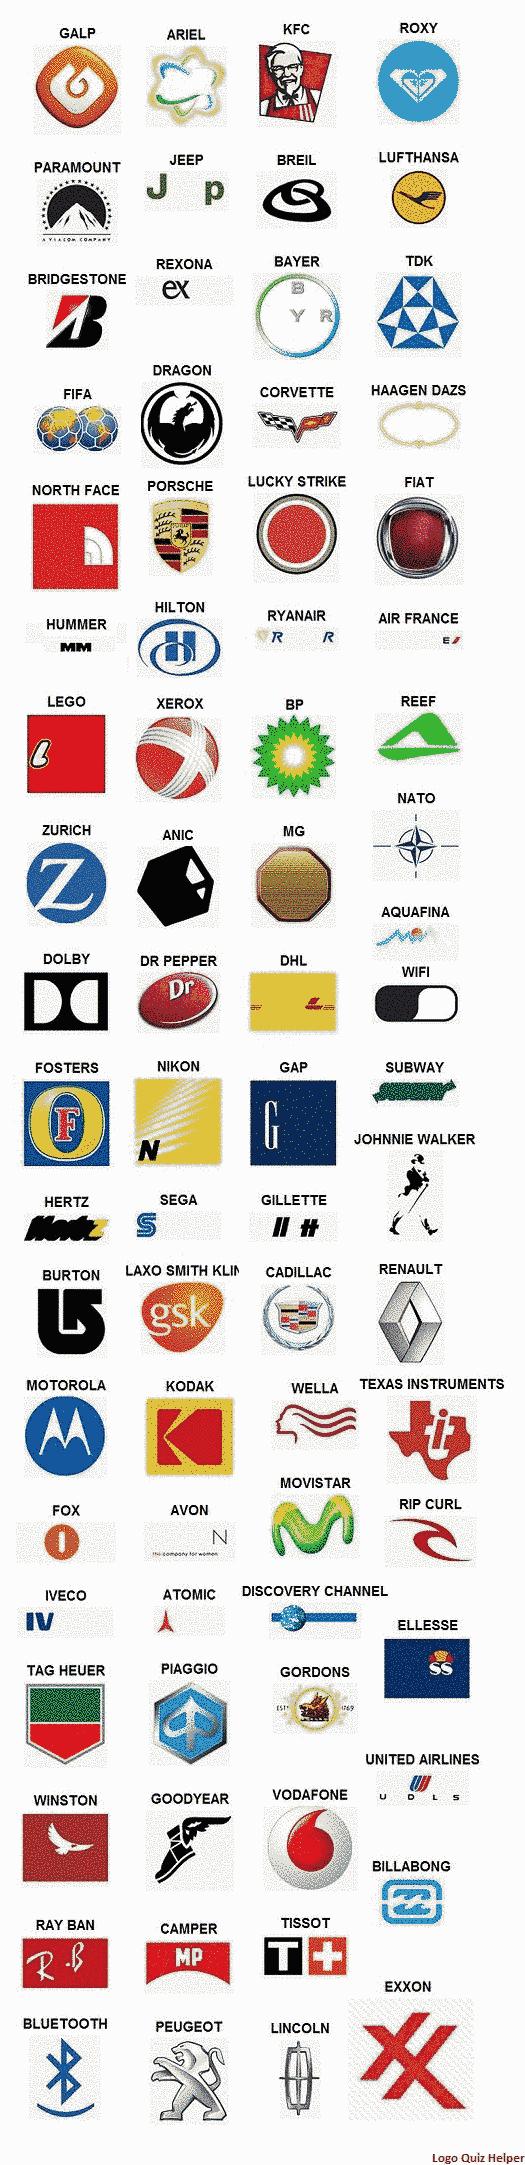 logo quiz answers level 4 Logo quiz respuestas